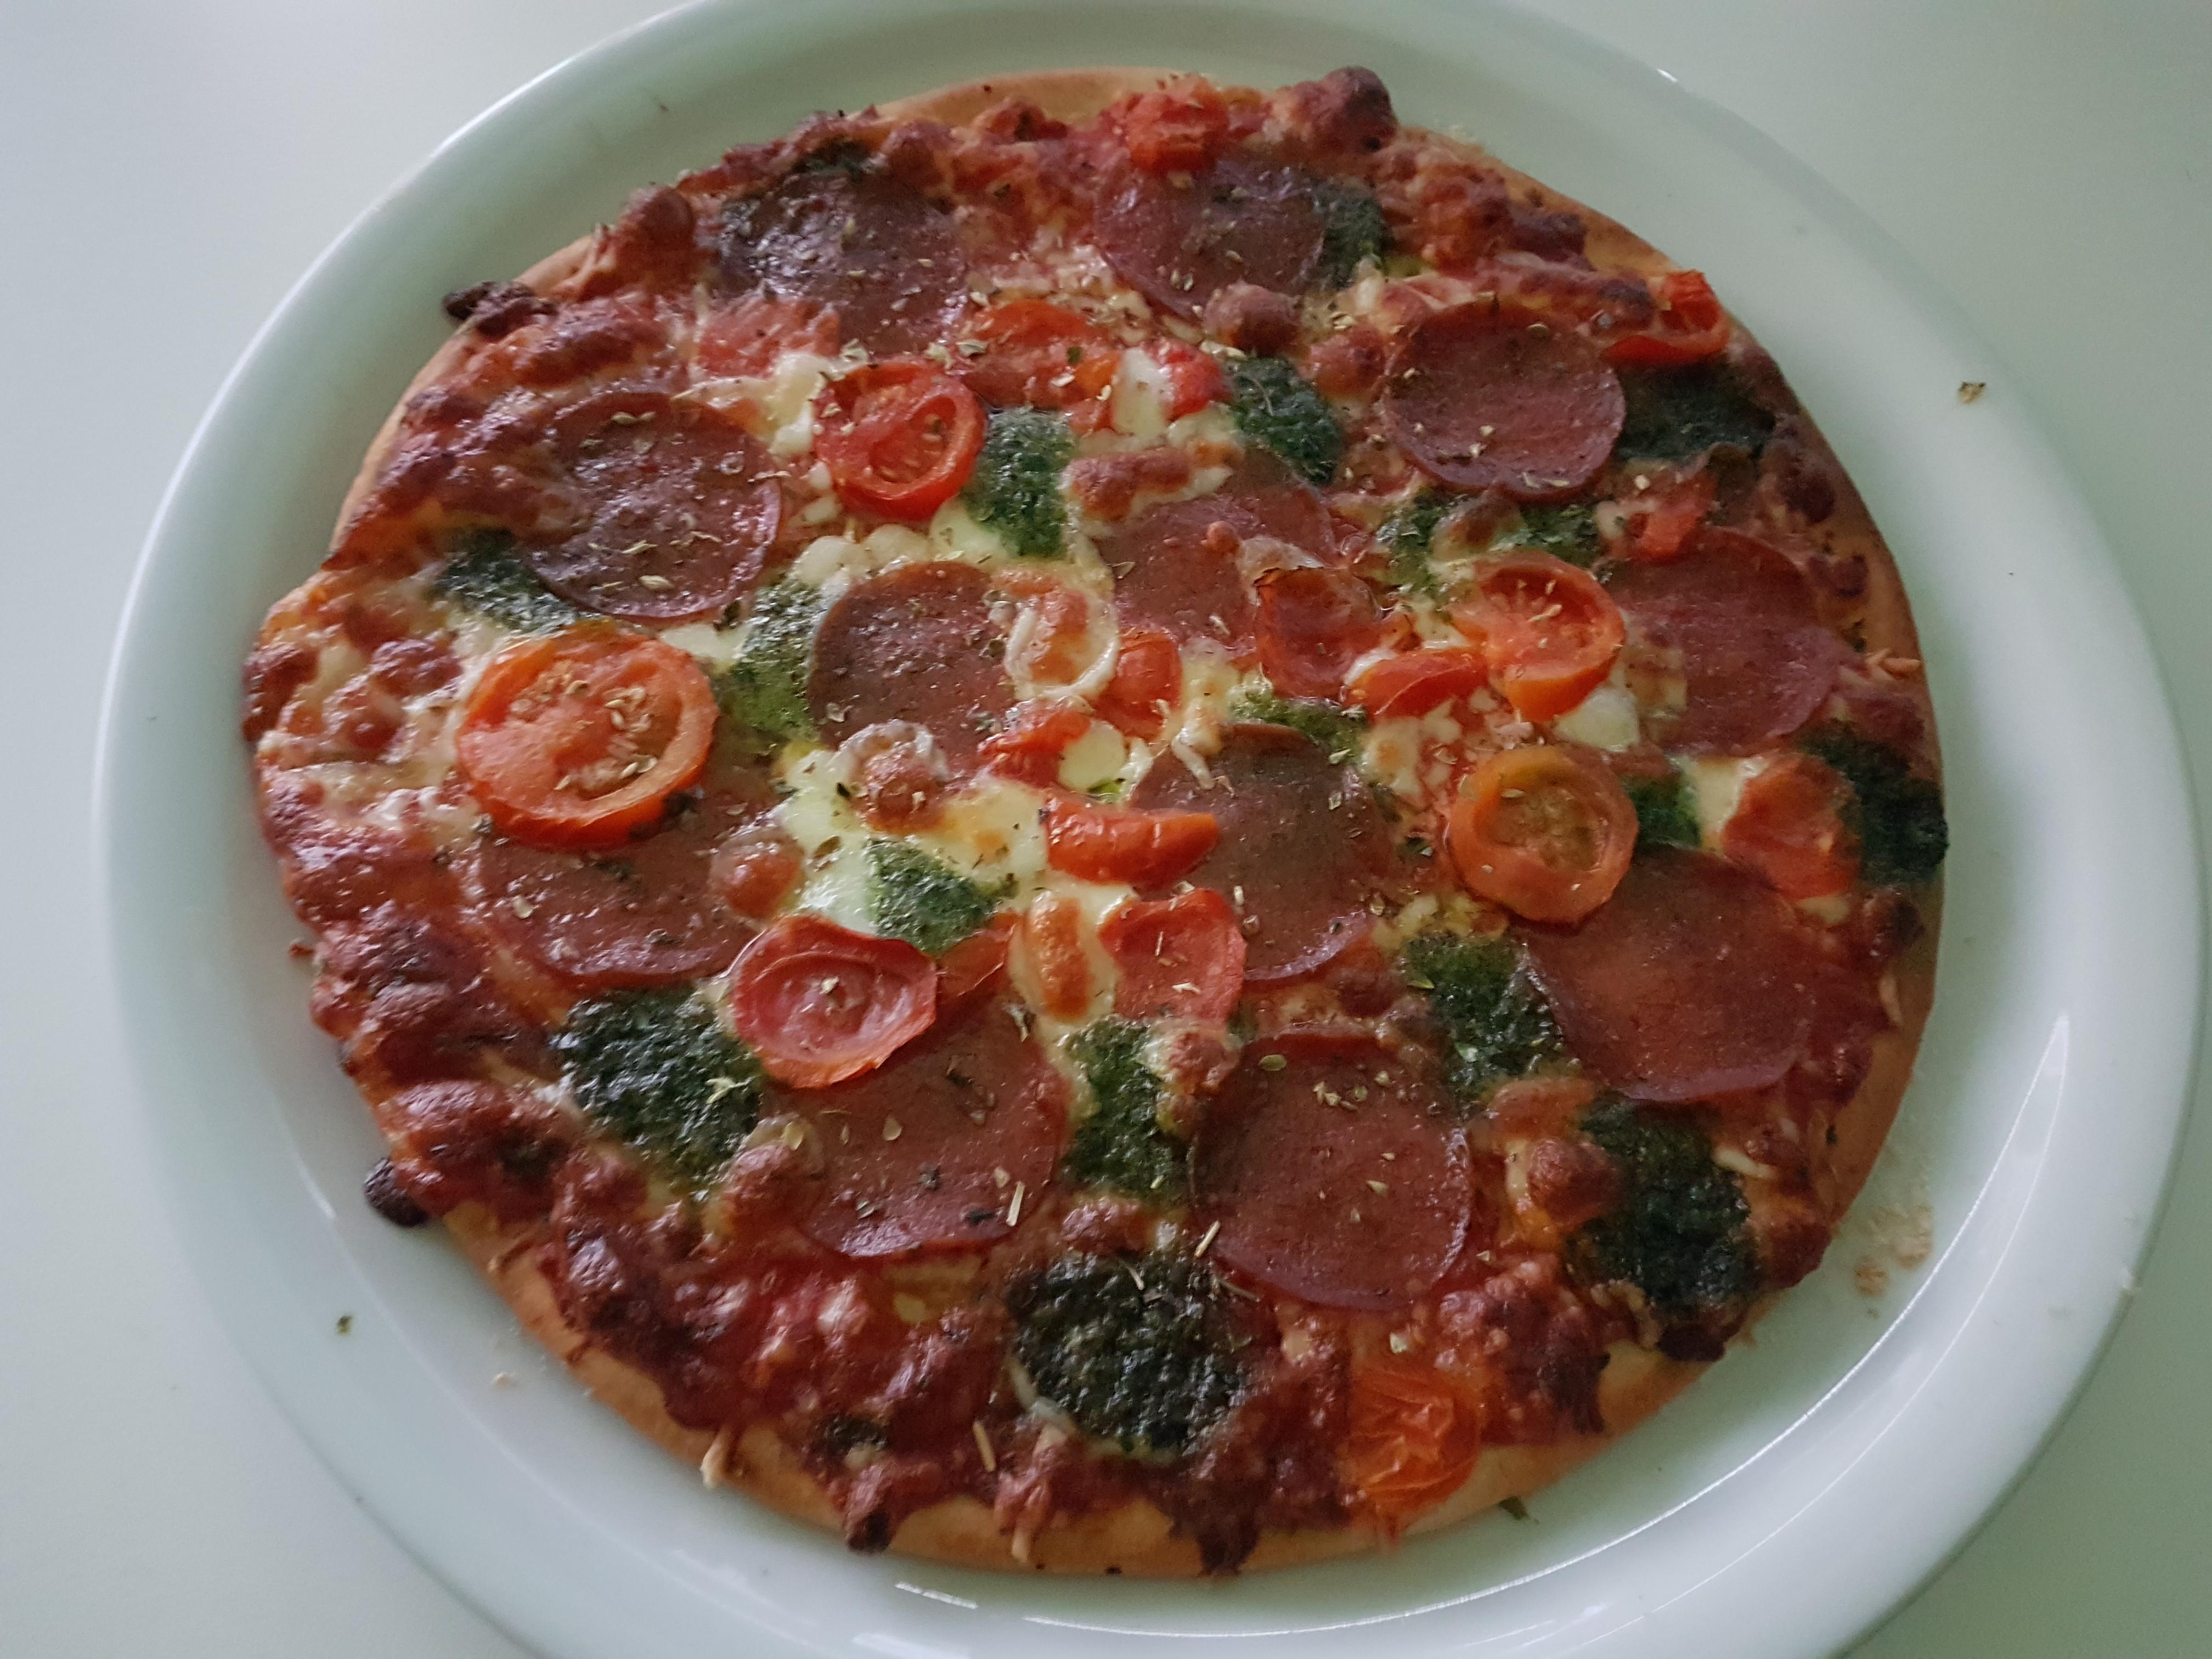 https://foodloader.net/Holz_2017-11-02_Pizza.jpg